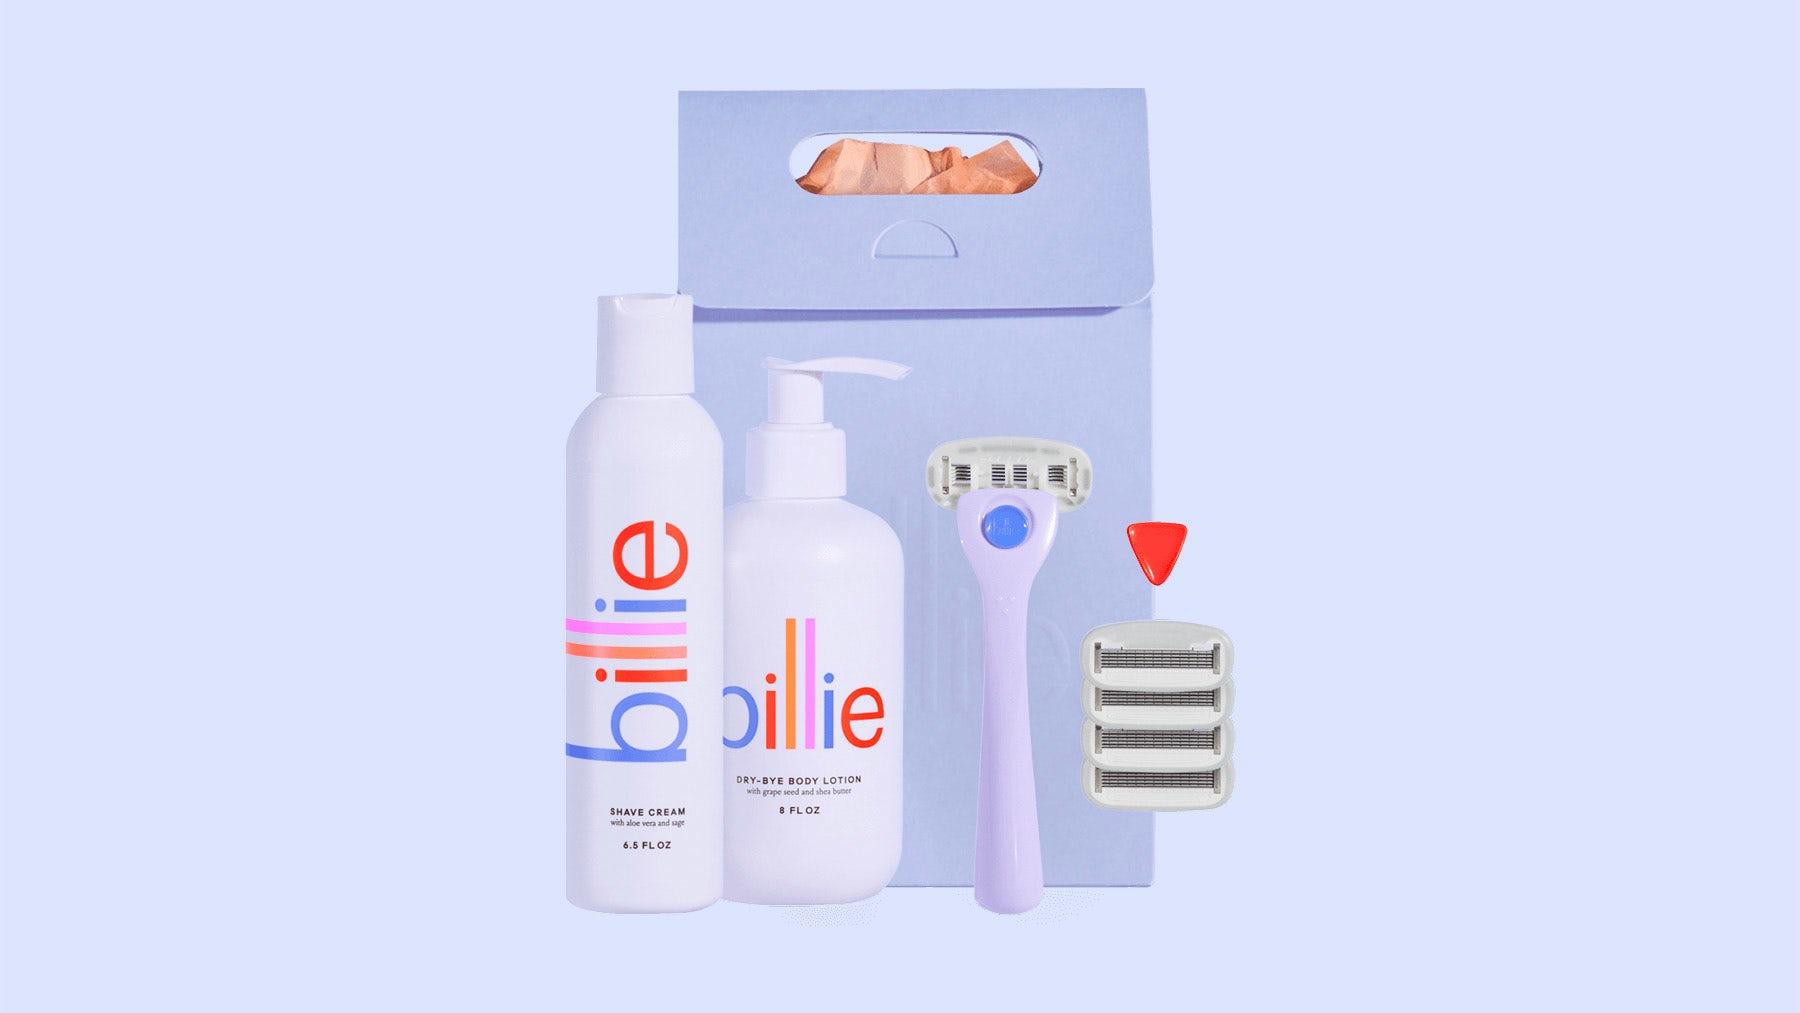 Billie shaving kit. Mybillie.com